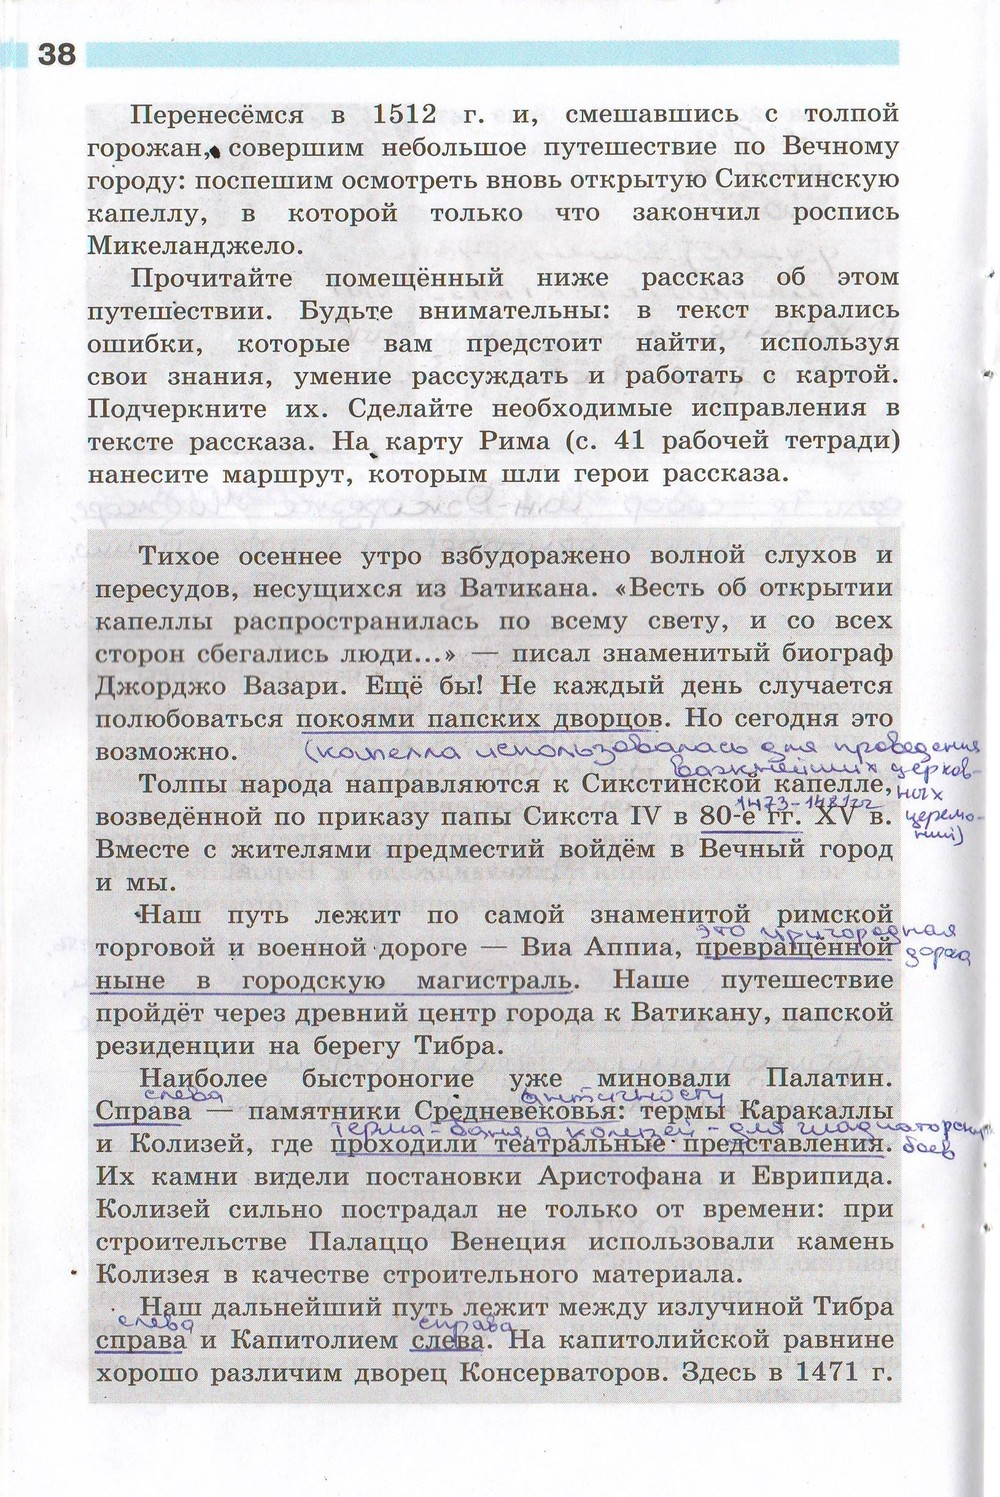 История нового времени 7 класс 22 параграф задание